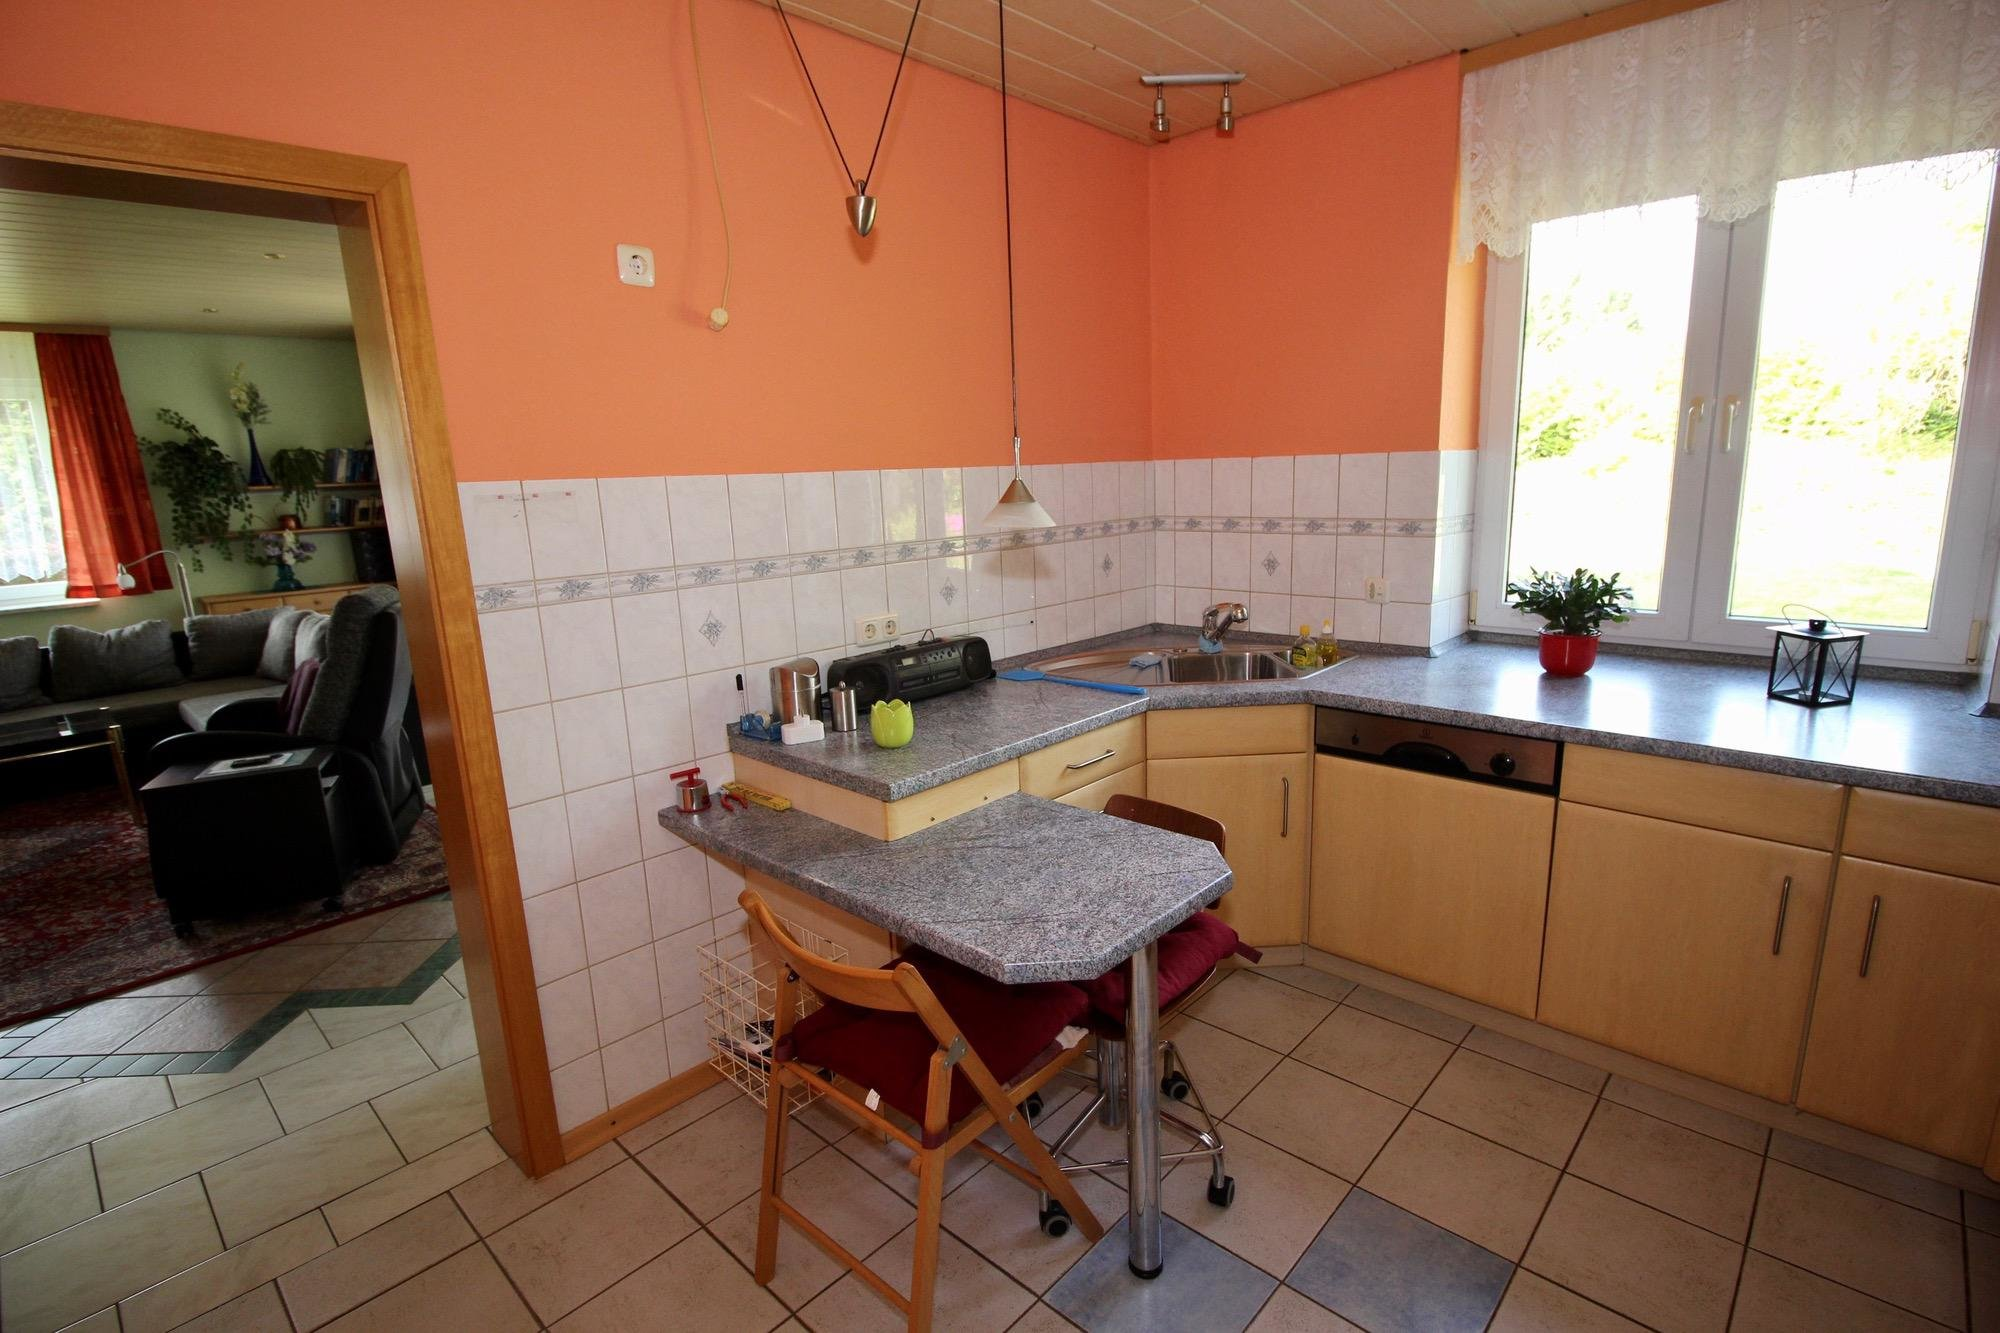 Küche im Erdgeschoss weitere Ansicht